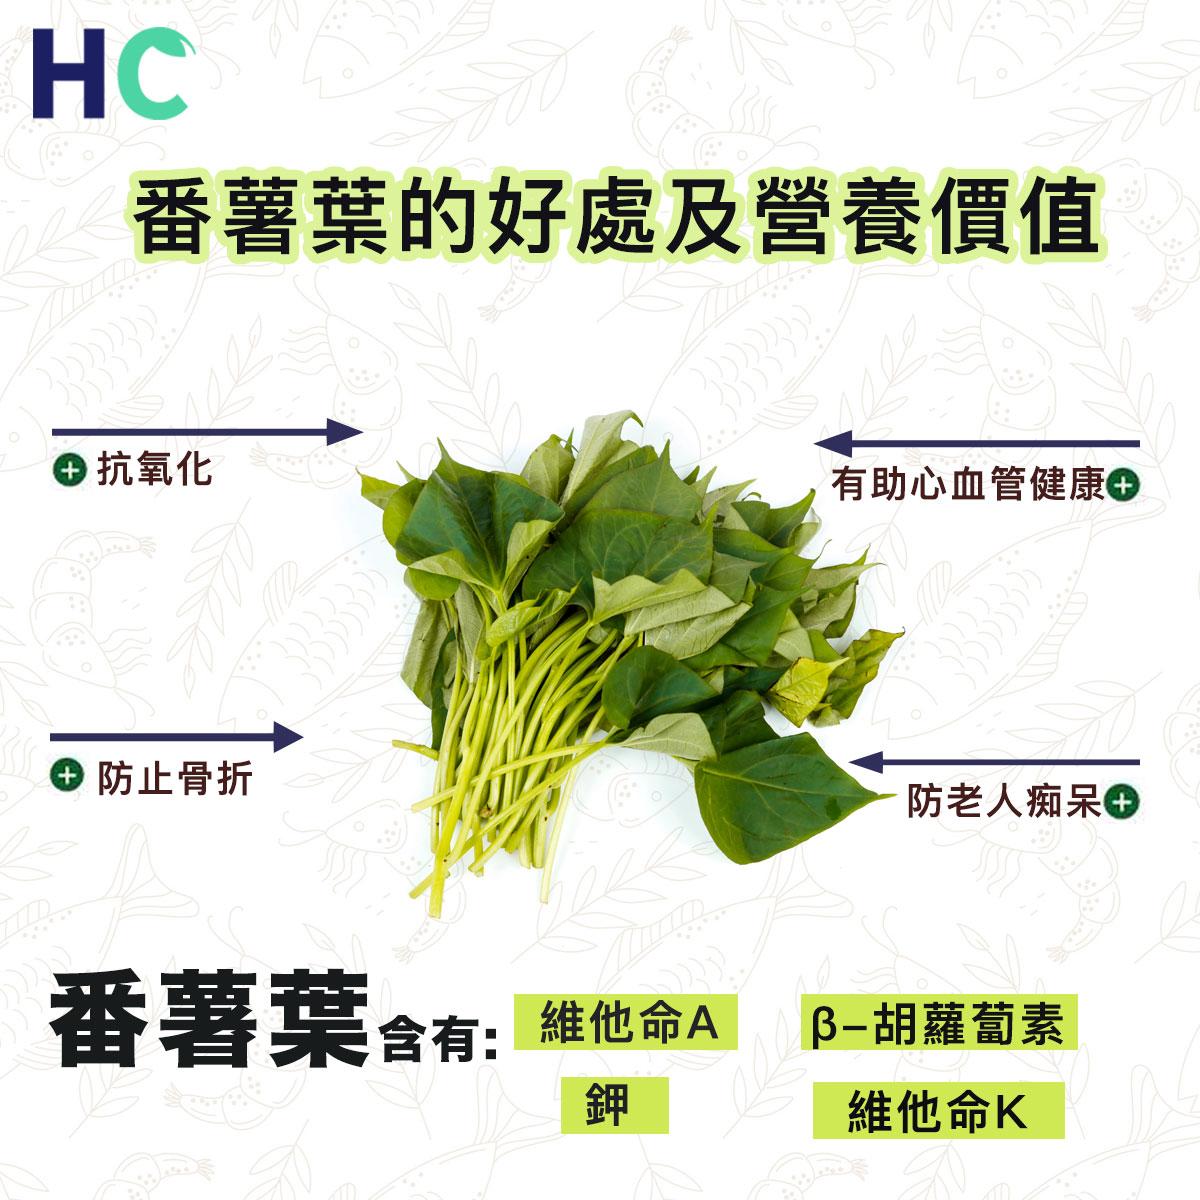 【#營養食物】番薯葉的好處及營養價值